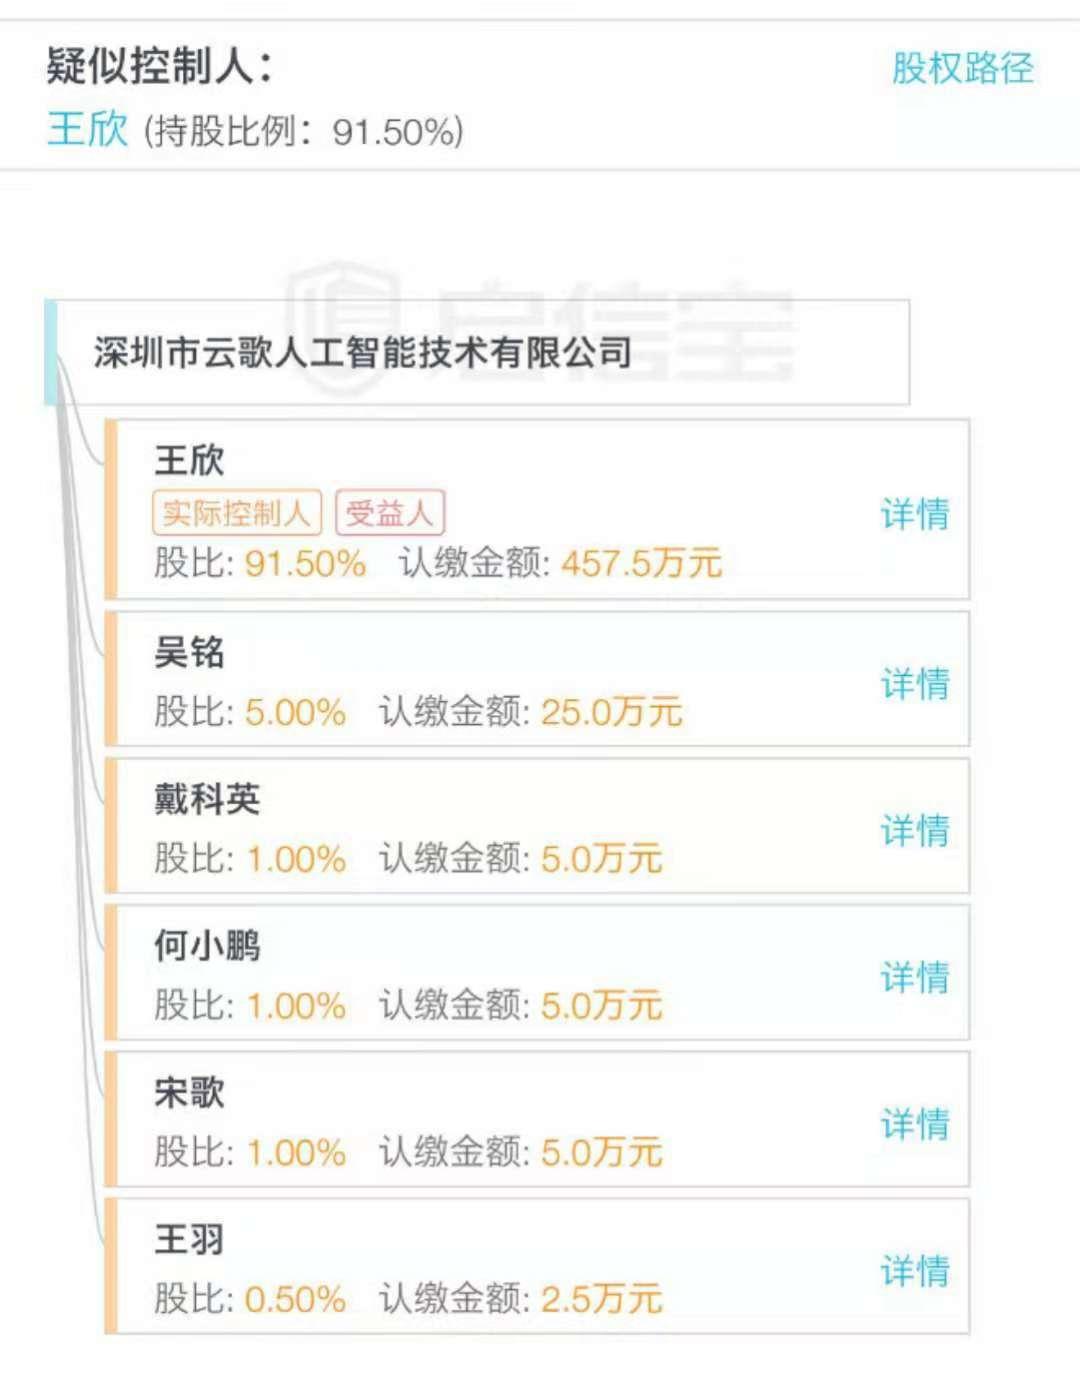 王欣新成立公司的股权架构/图片来源启信宝